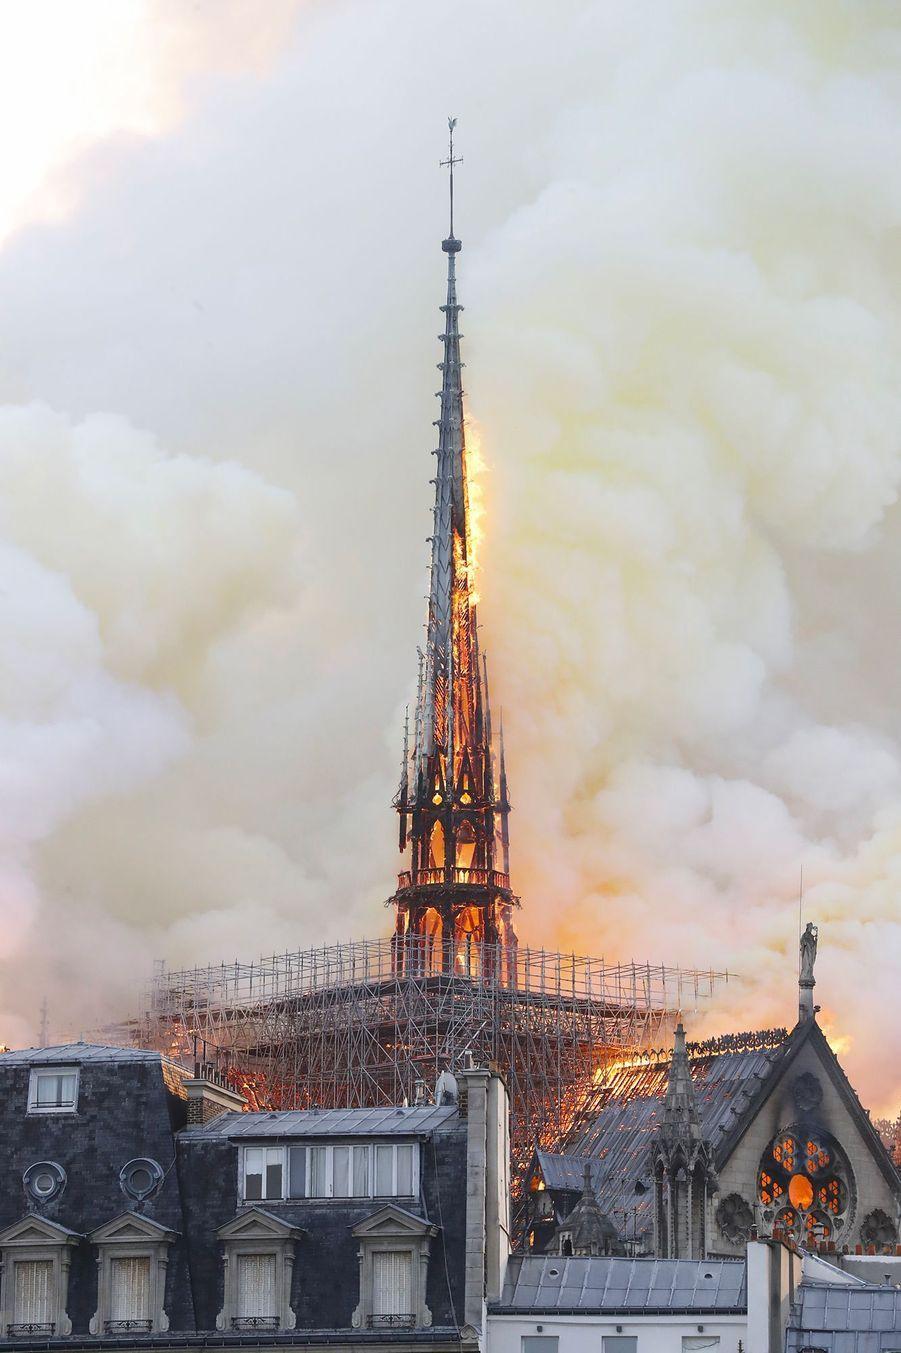 La cathédrale Notre-Dame de Paris en flammes, le 15 avril 2019.